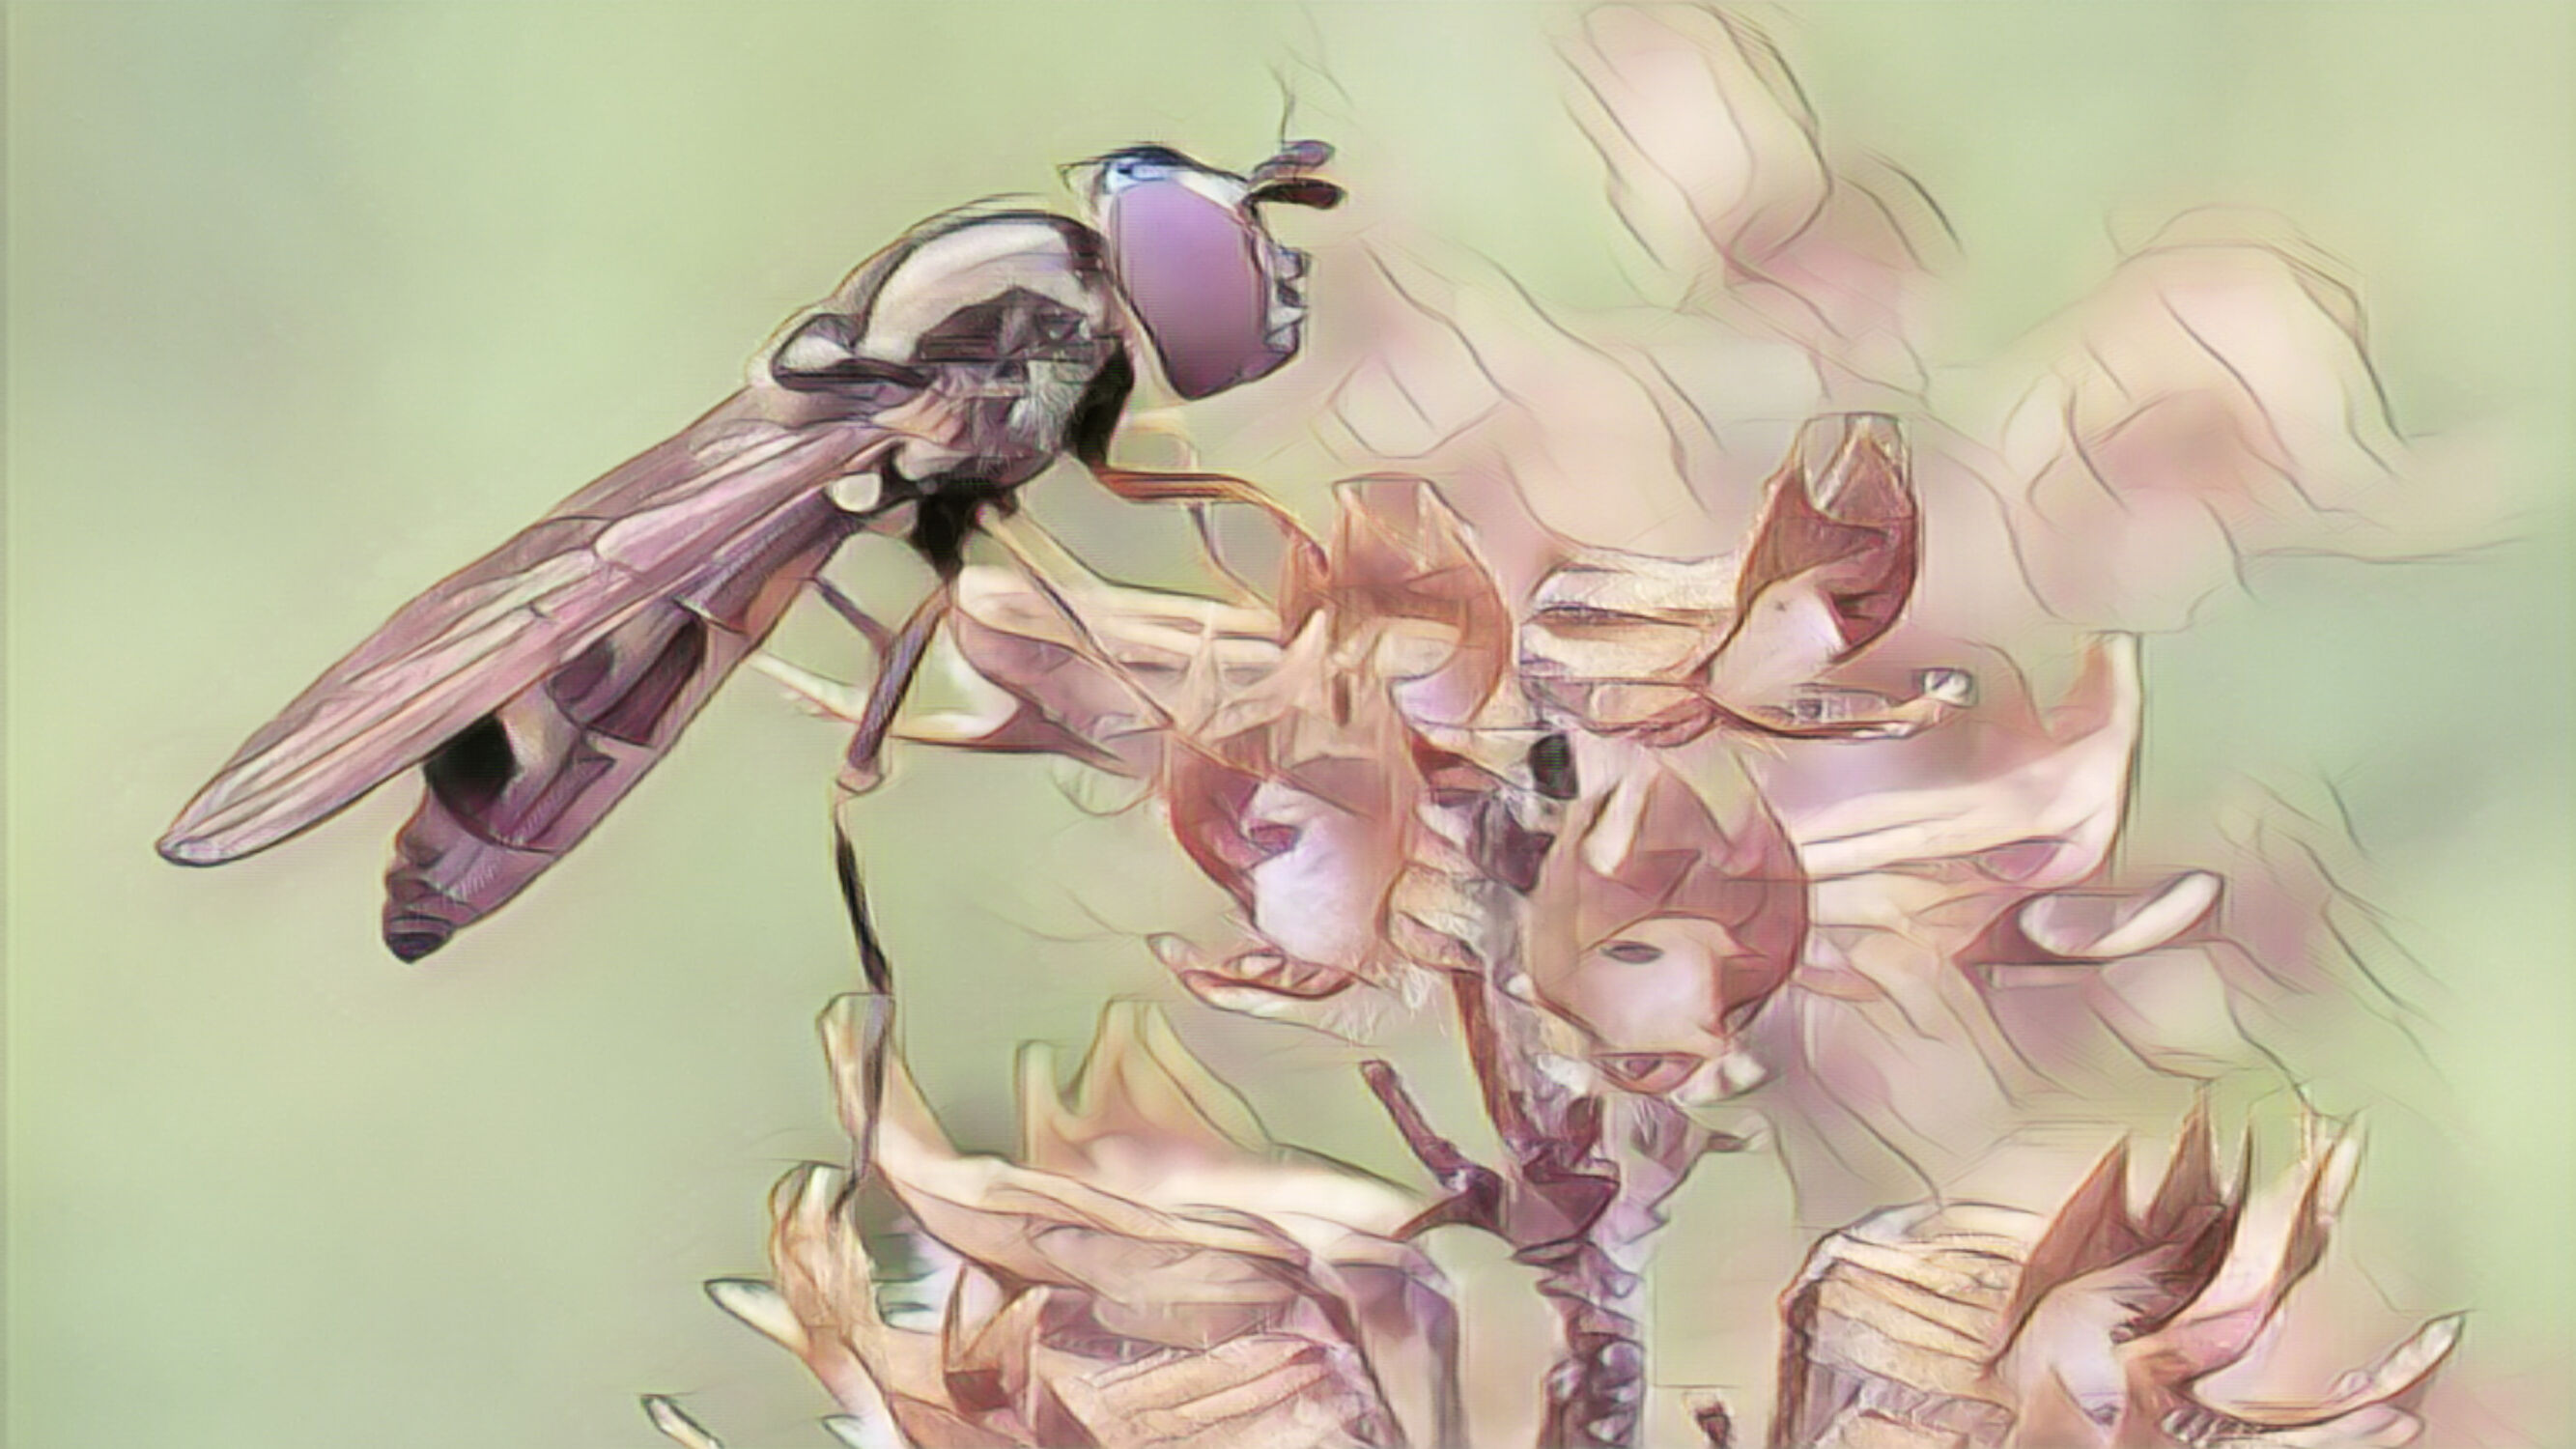 Bild mit Kunst, Natur, Pflanzen, Tier, Blume, Makro, Blüten, garten, Insekt, schwebefliege